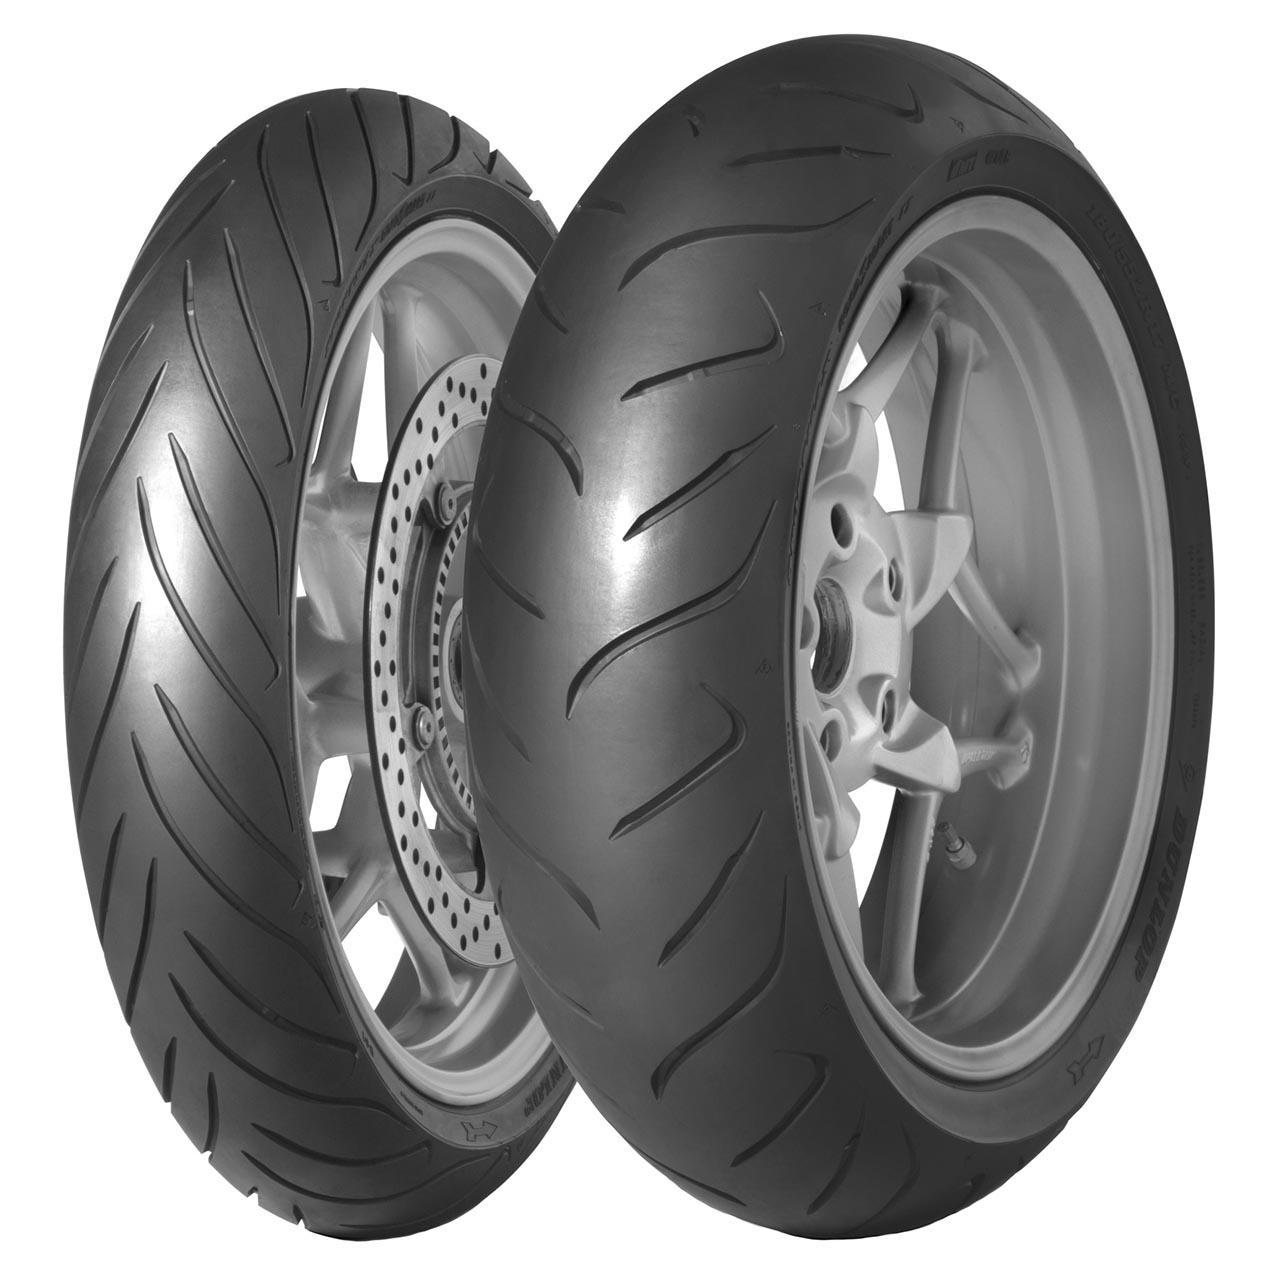 Dunlop Sportmax Roadsmart 2 180/55ZR17 (73W) TL